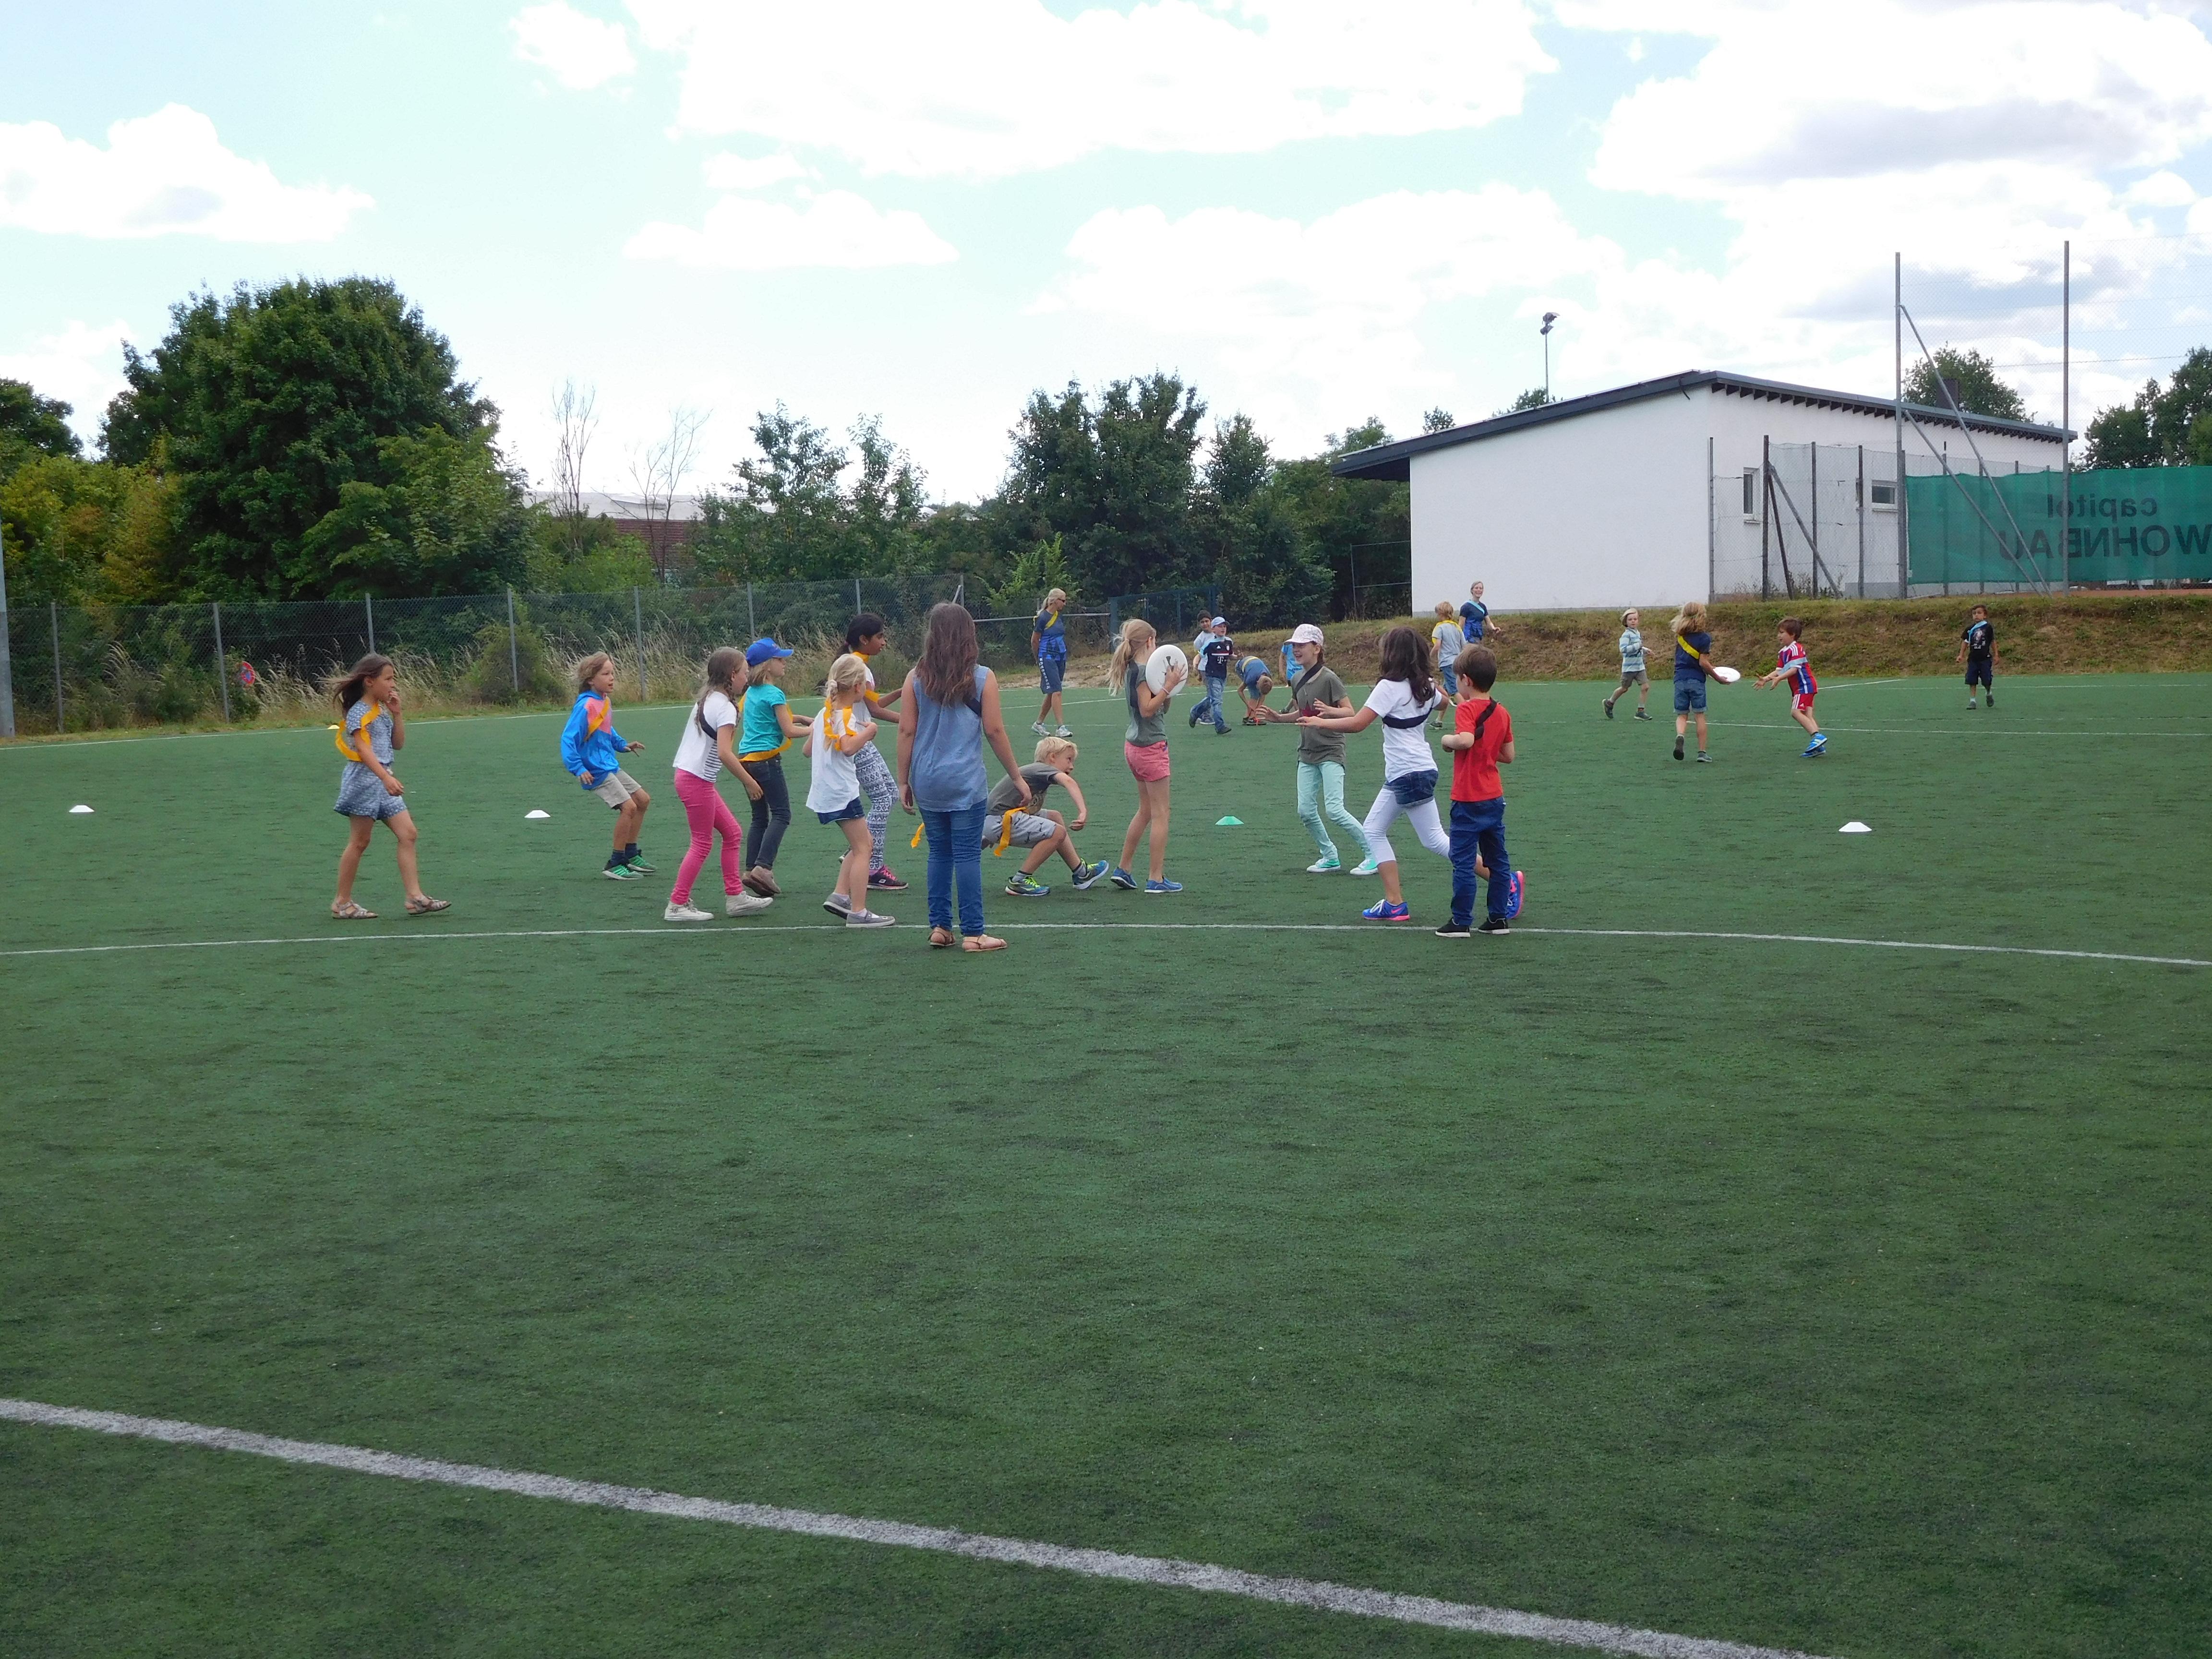 Jugend_Training